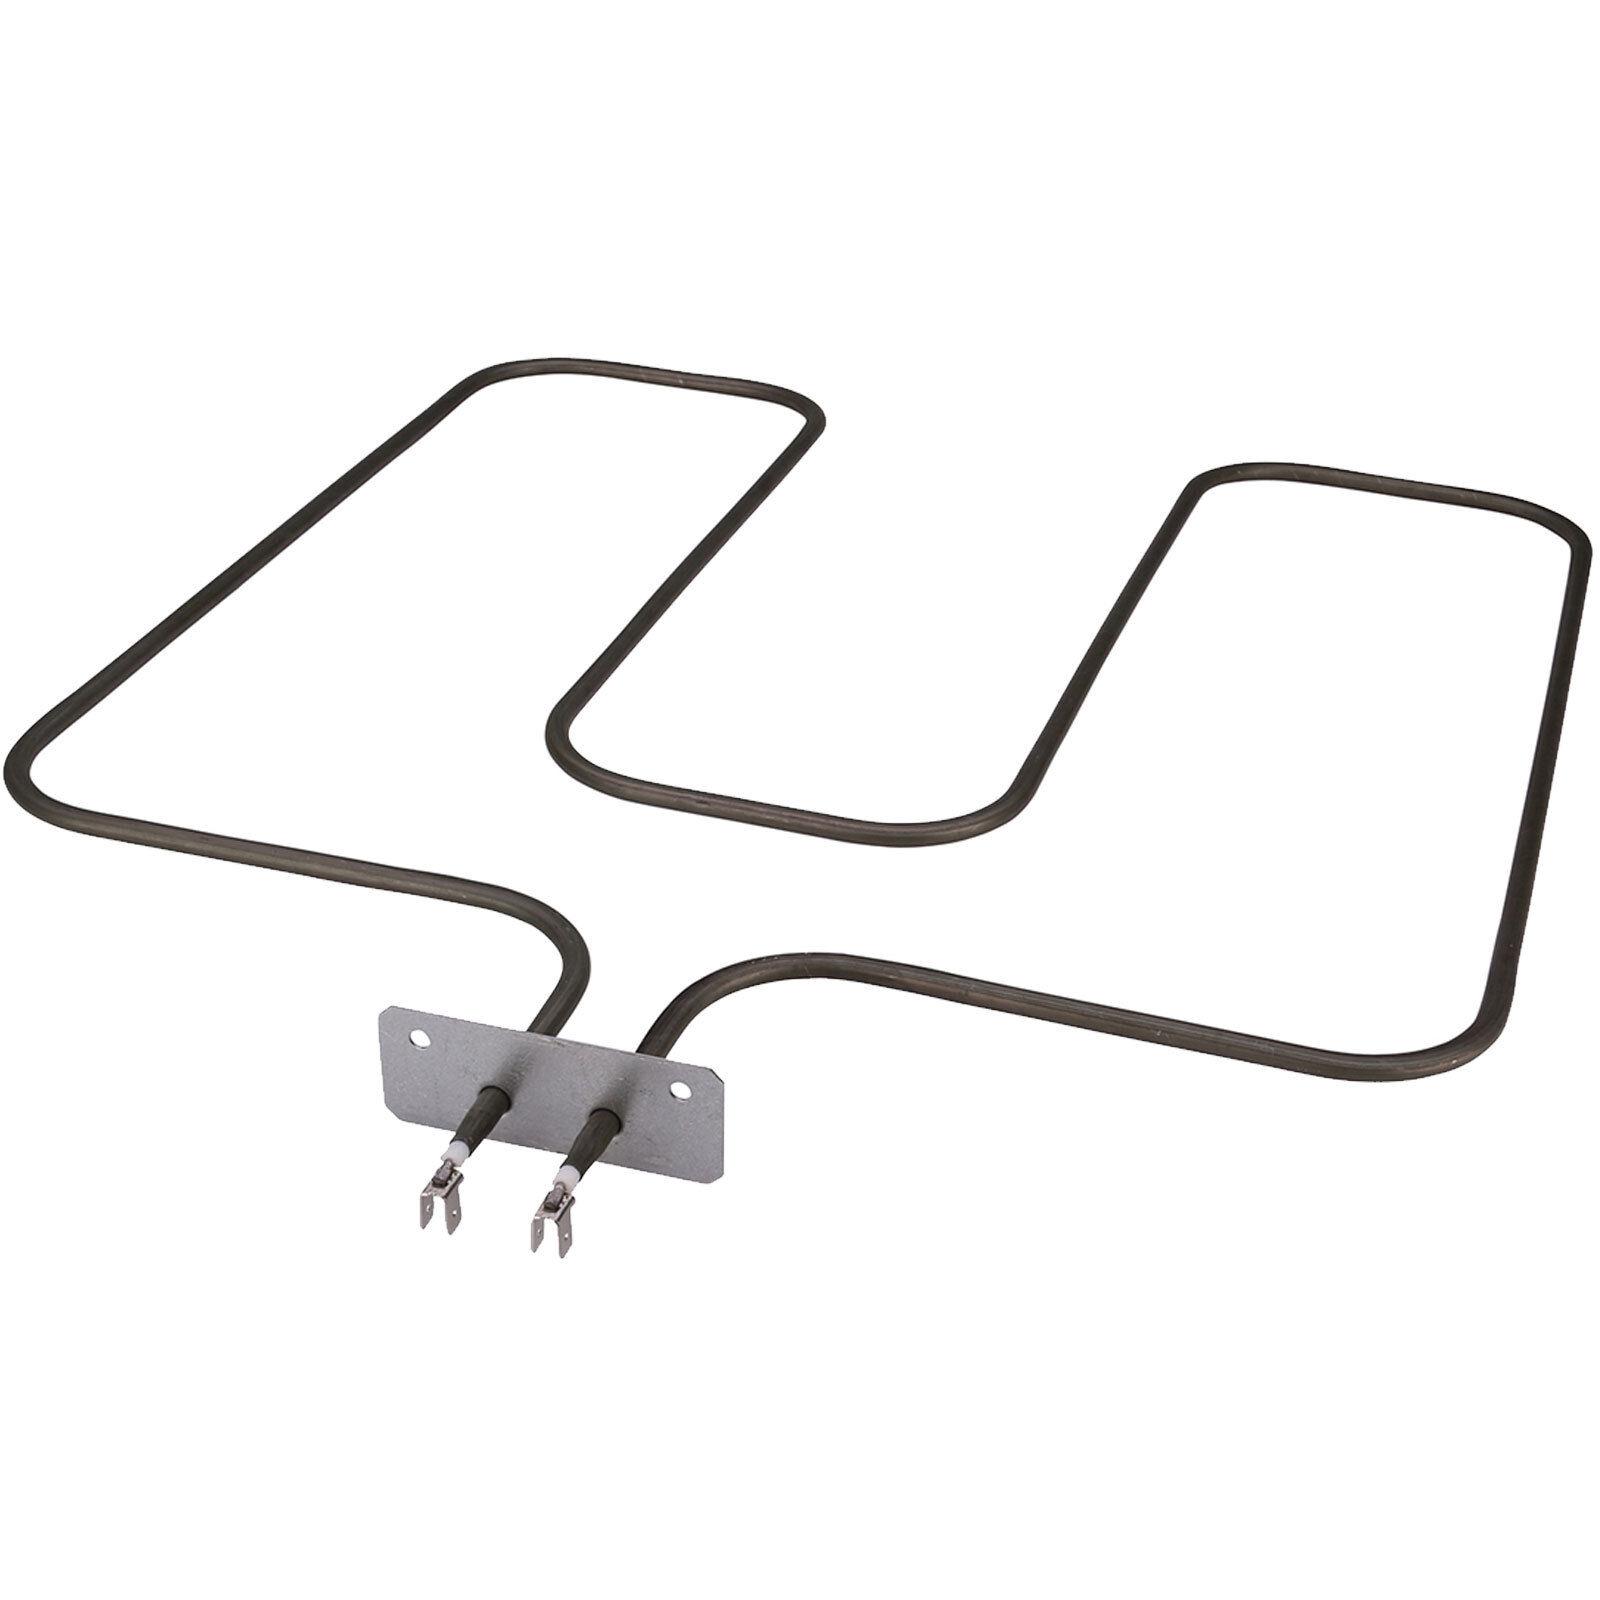 bianco Belling Fornello Forno Grill tagliata a Misura Maniglia Porta /& Fissaggi STUFE